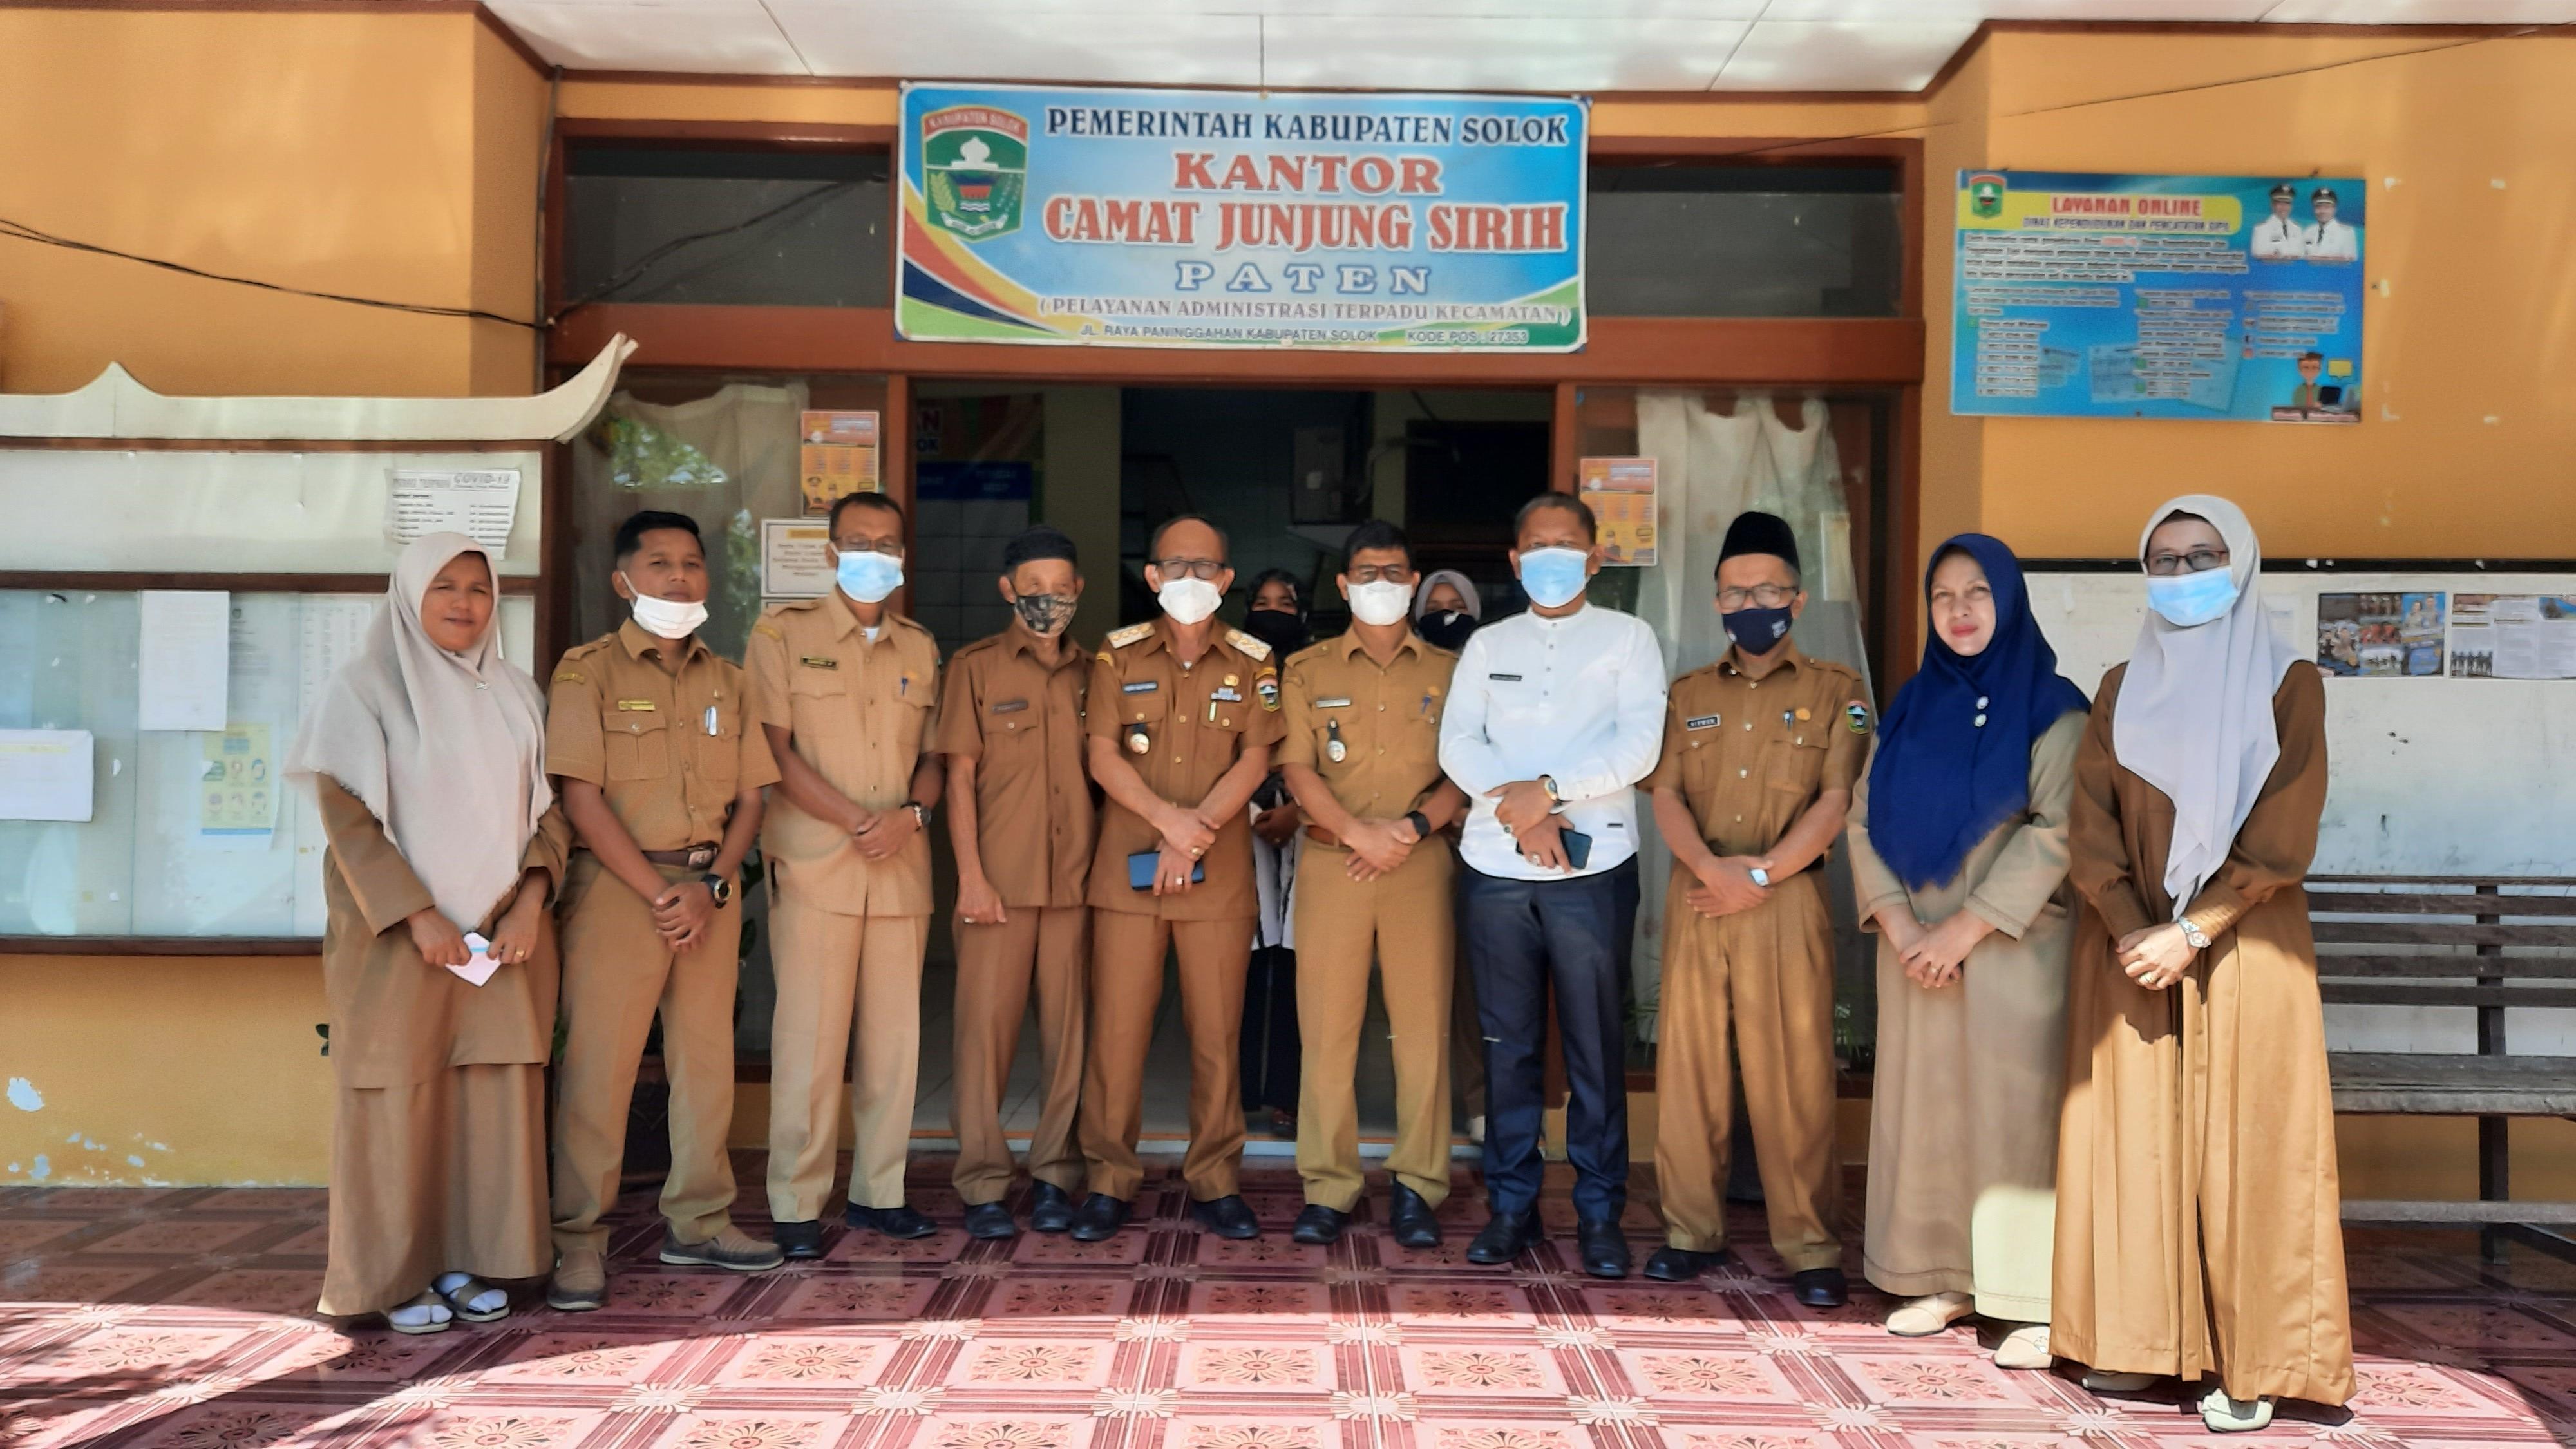 Monitoring dan Evaluasi Penanganan Covid-19 di Kecamatan Junjung Sirih